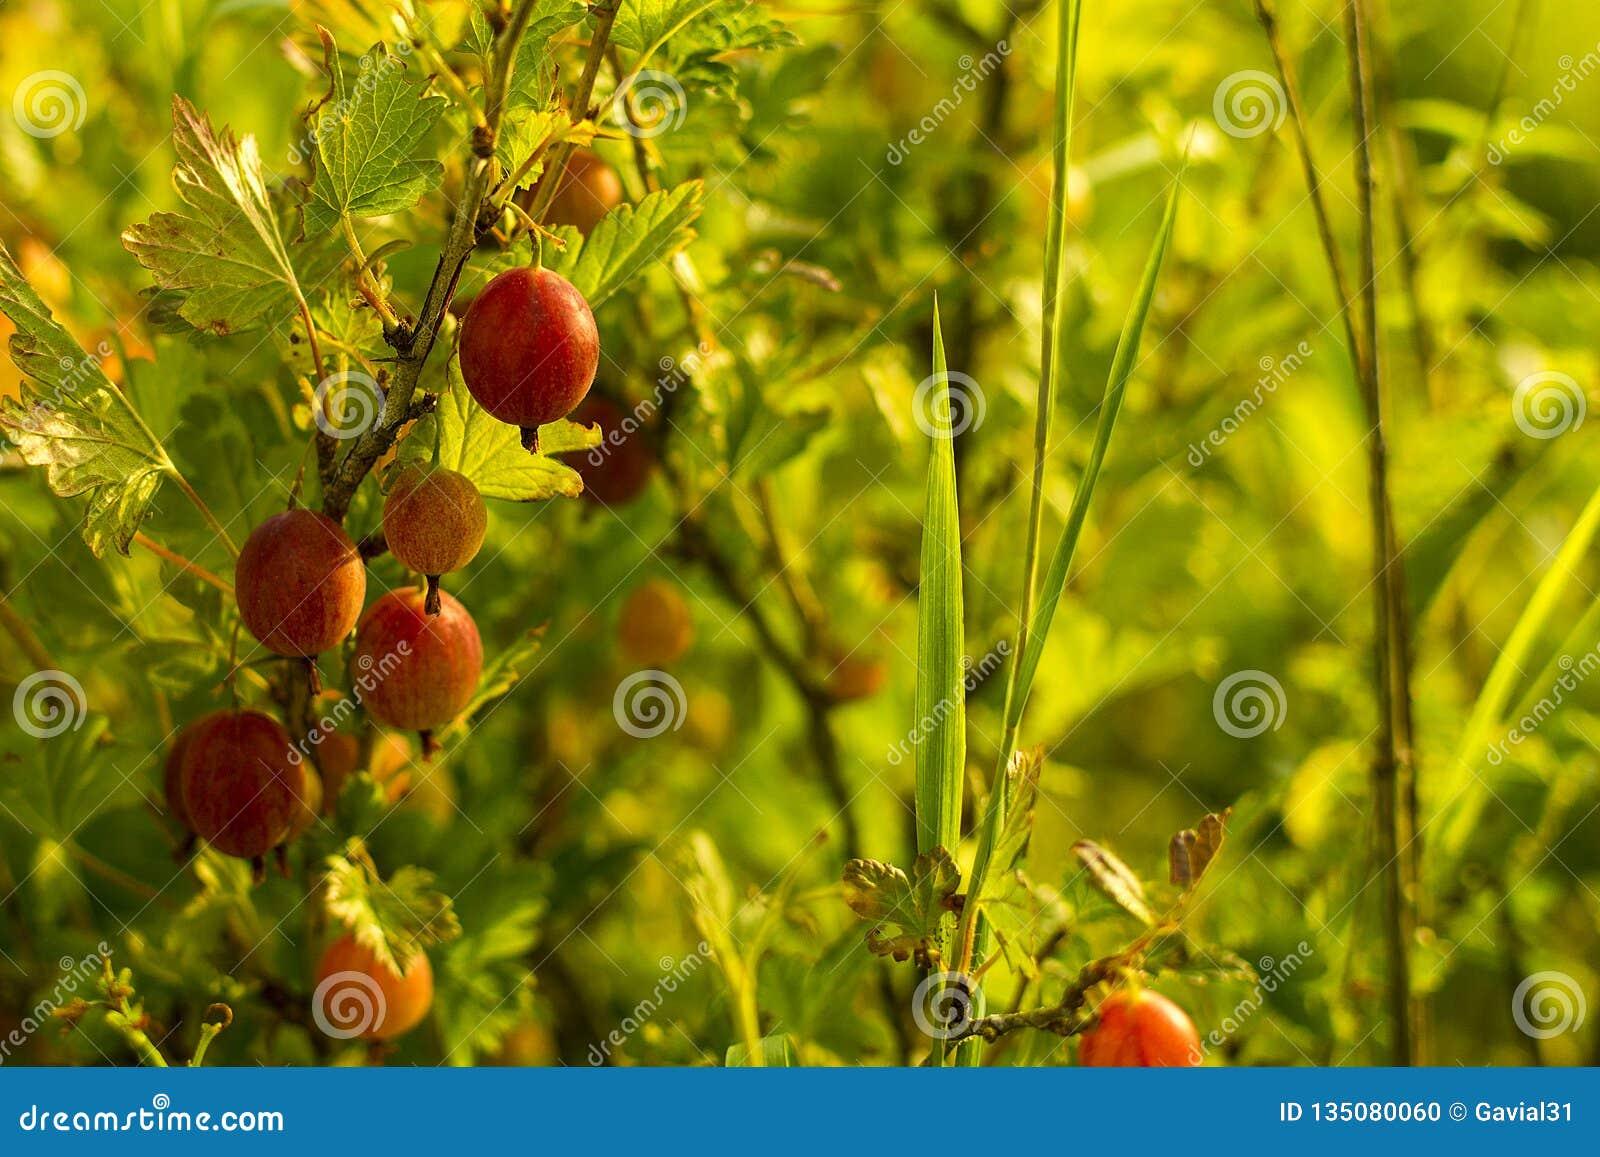 Uva spina fresche su un ramo del cespuglio di uva spina con luce solare